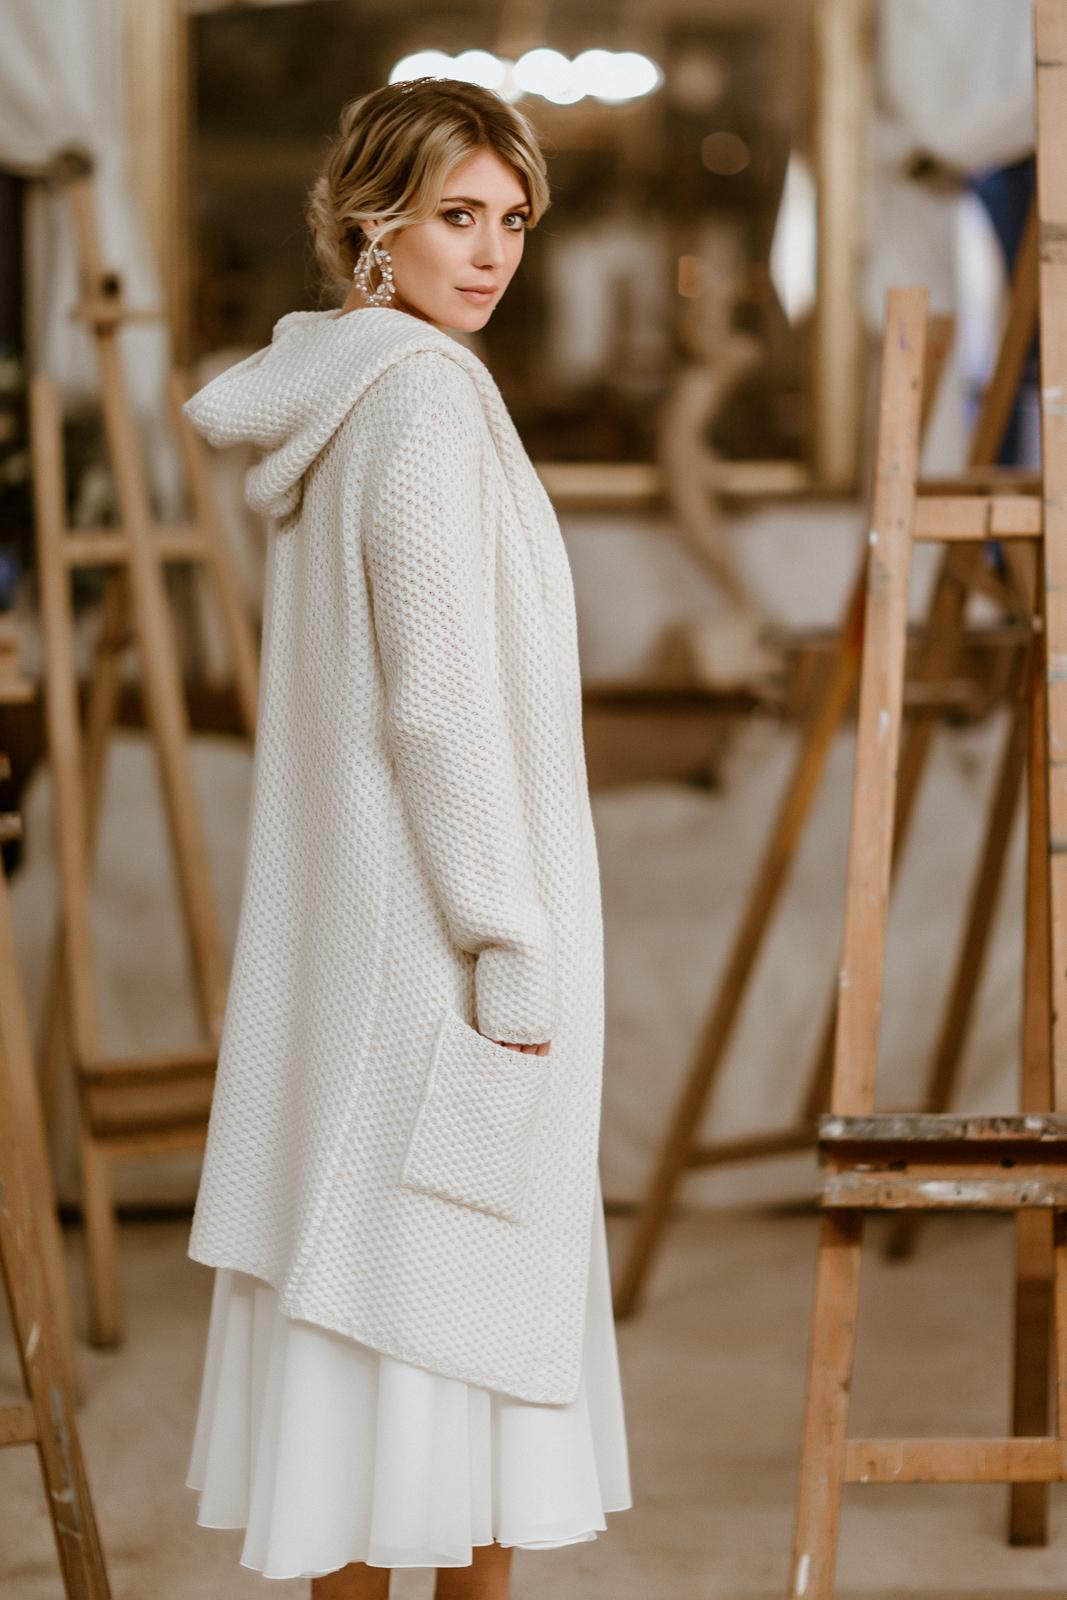 Leichter Brautmantel aus Strick mit Kapuze zum Midi-Brautkleid, Rückenansicht